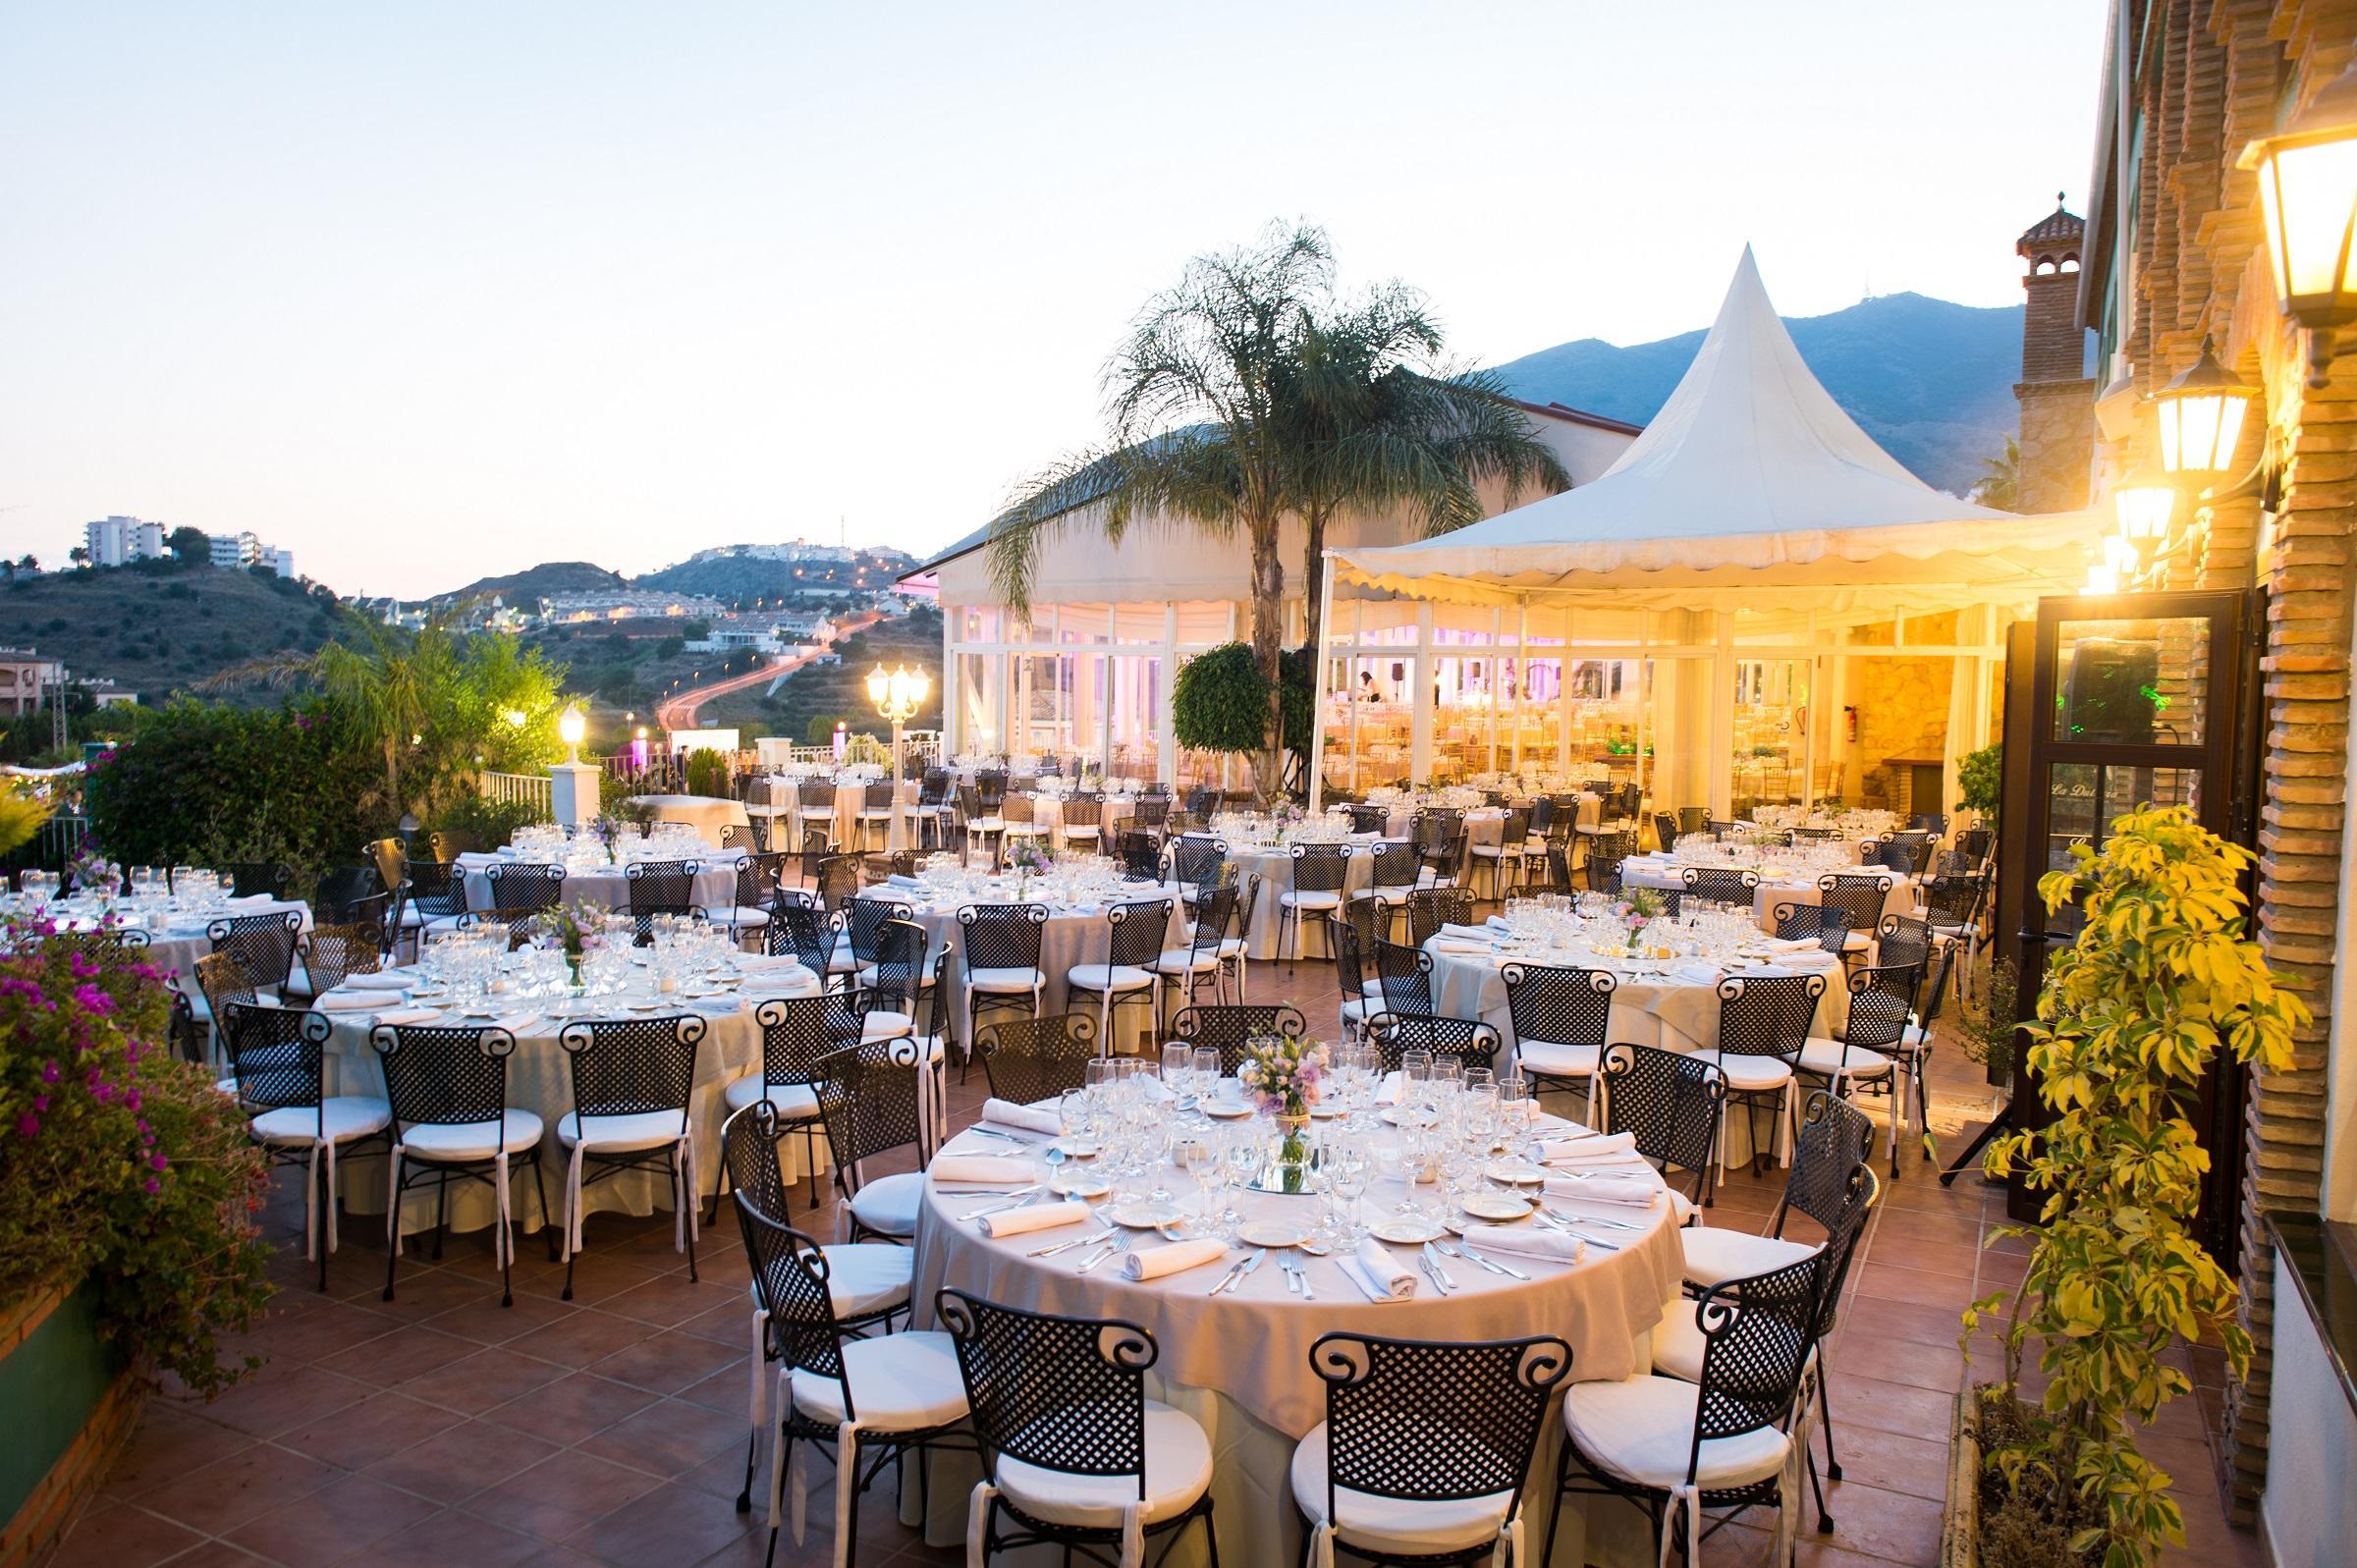 Celebra tu evento social o corporativo en Finca La Dulzura